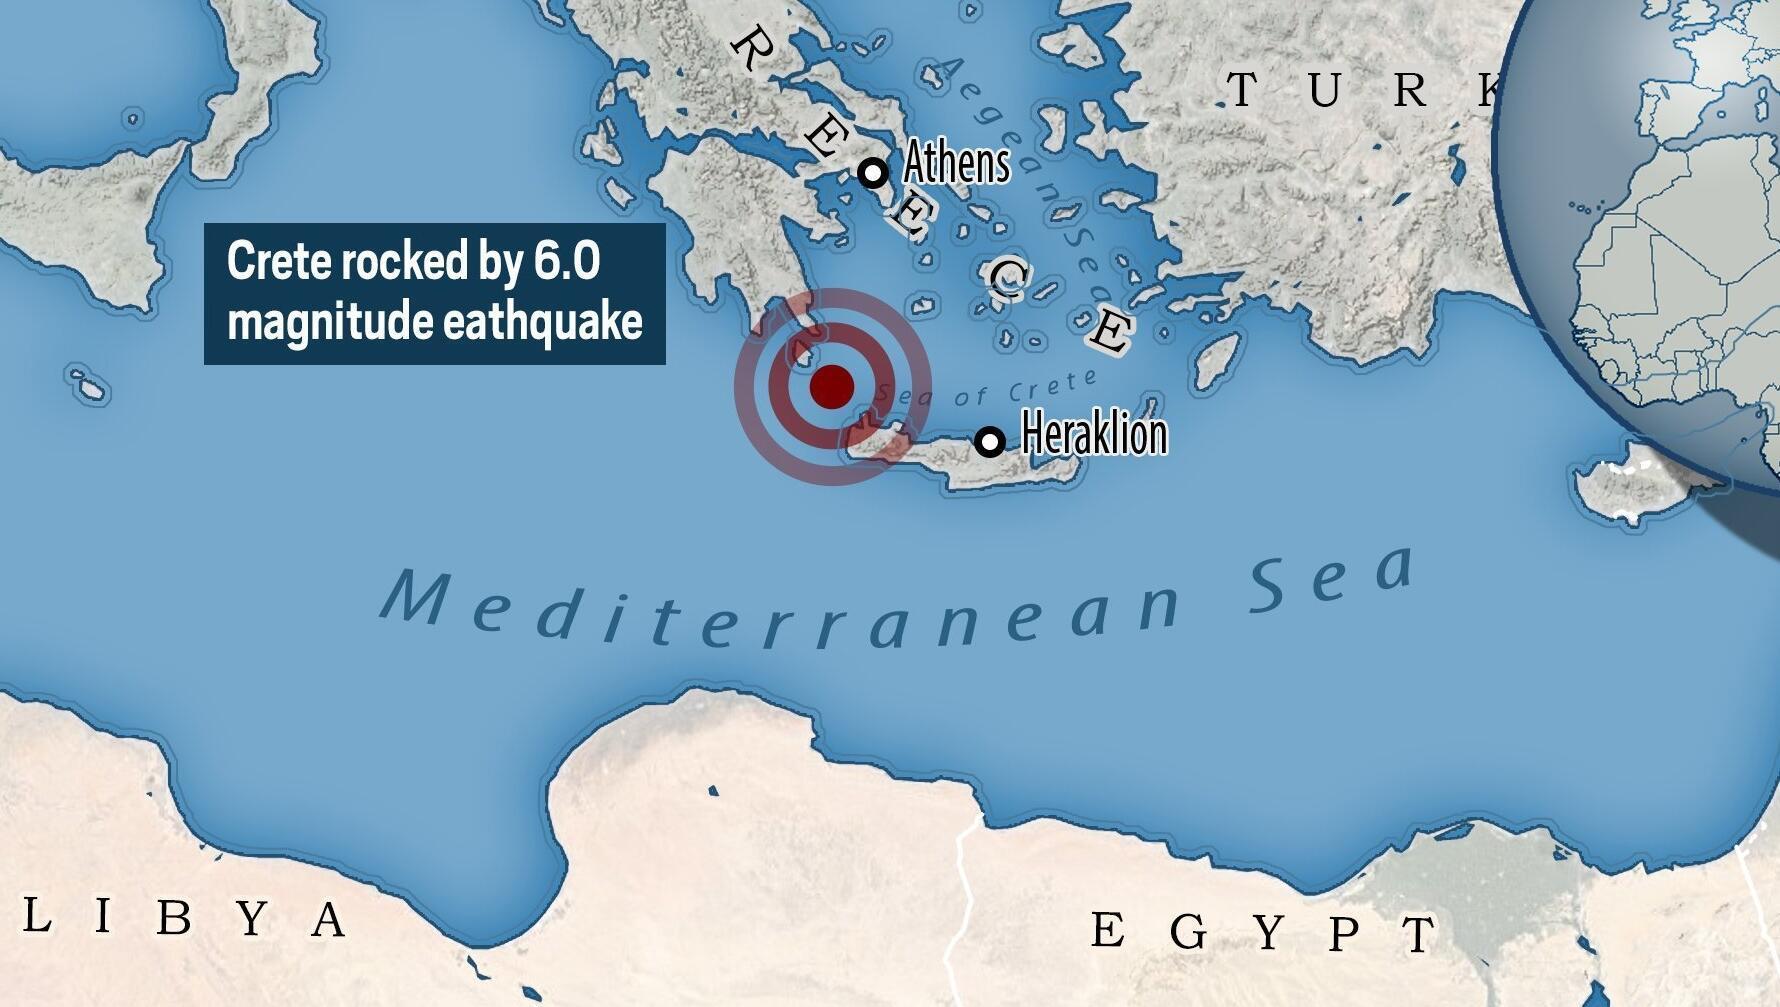 6.0 magnitude earthquake hits Greece